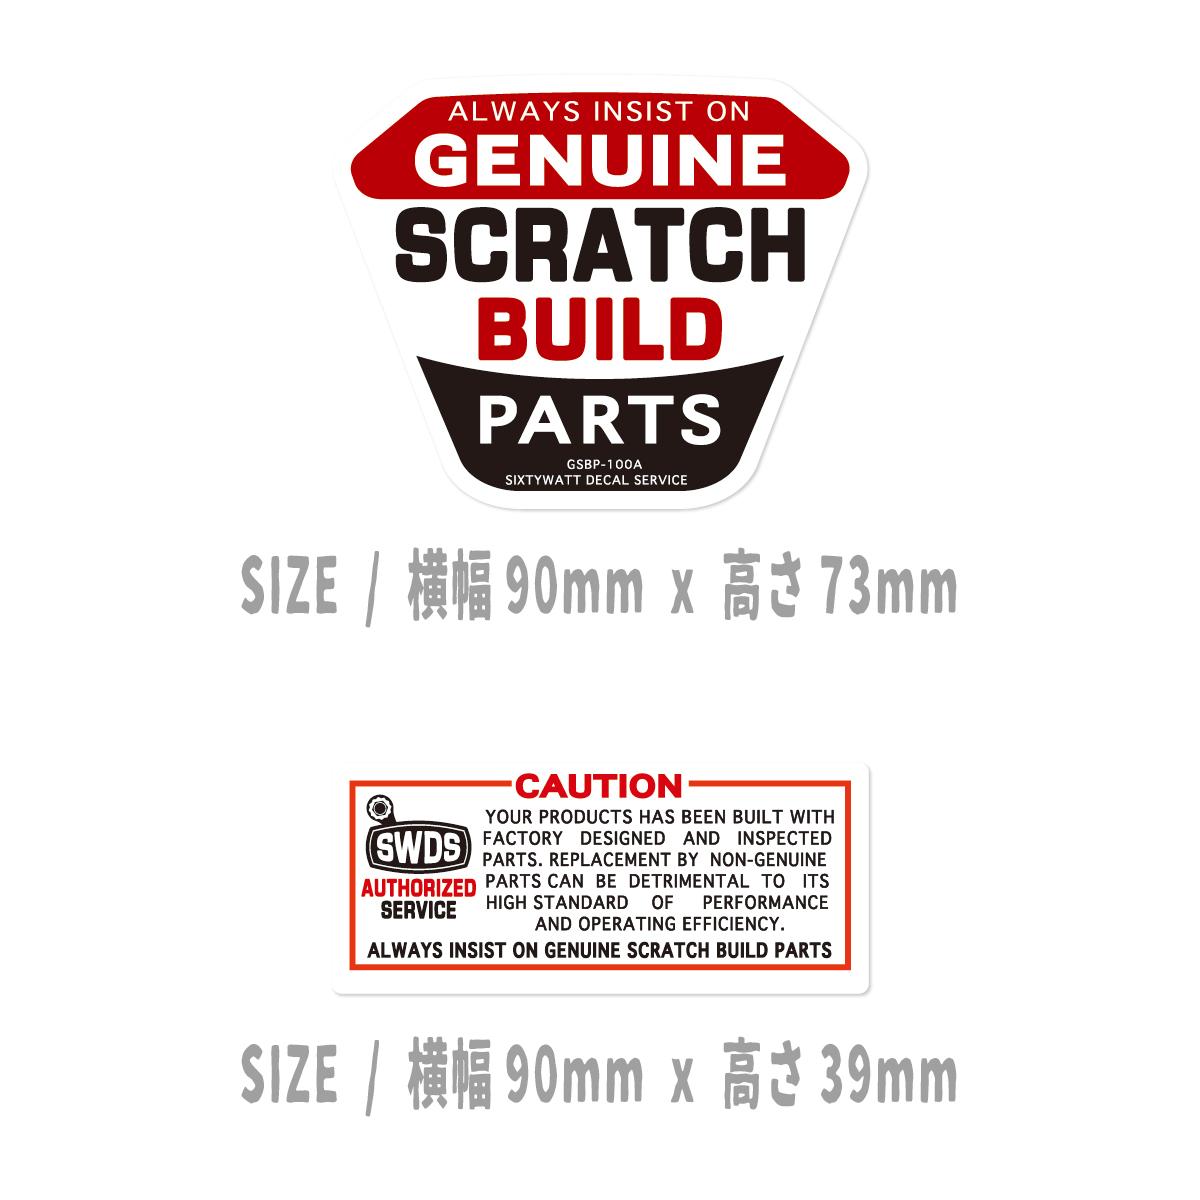 scratch build parts